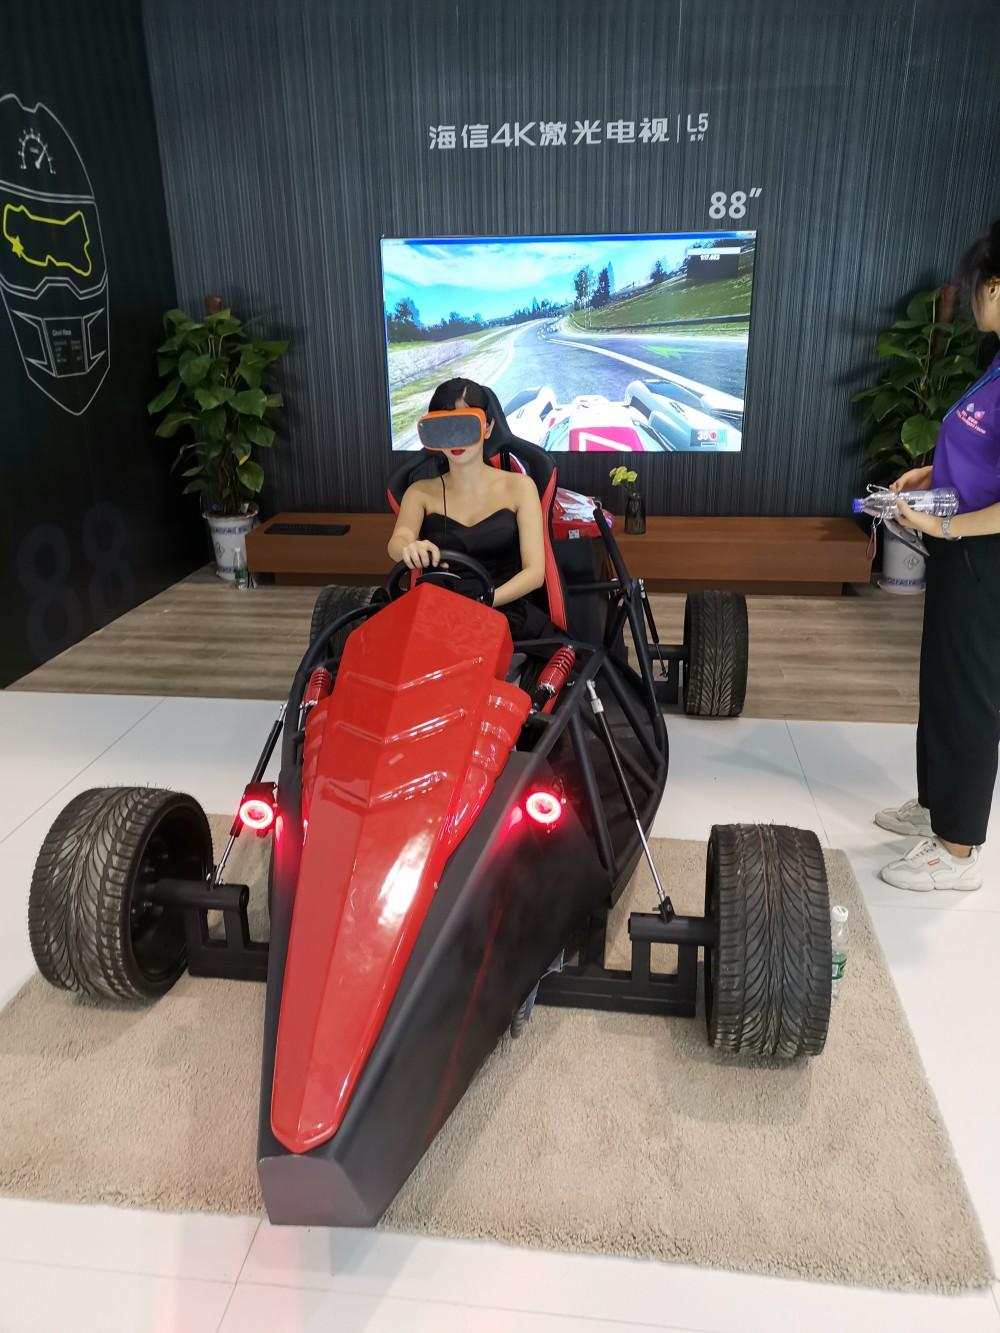 VR赛车 VRF1赛车设备租赁 极限运动VR赛车设备